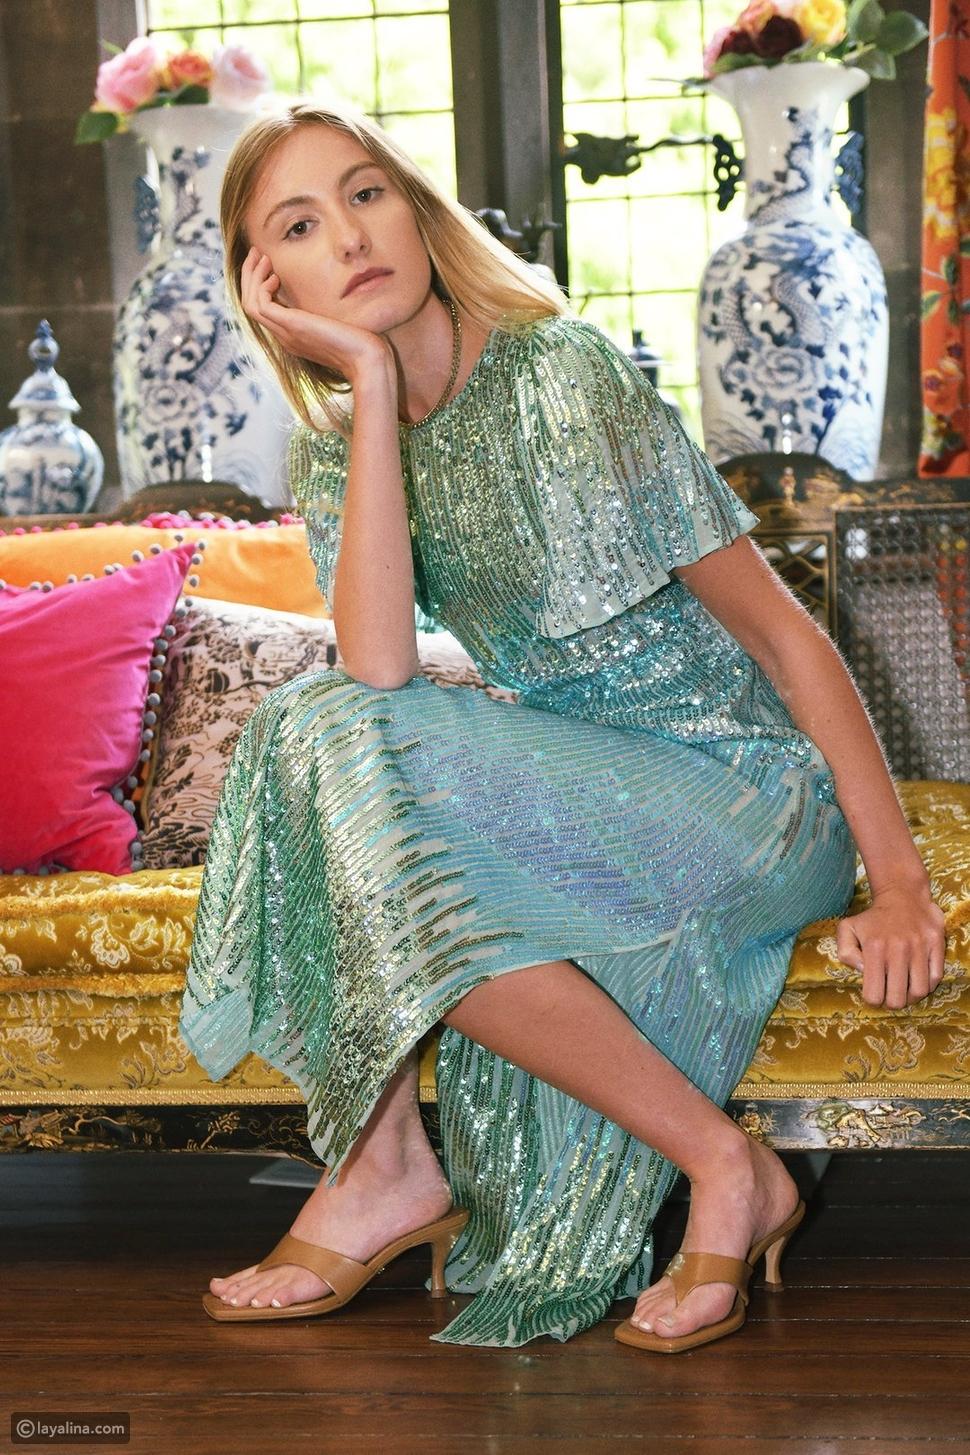 فستان مزين بالترتر بألوان متدرجة منRixo